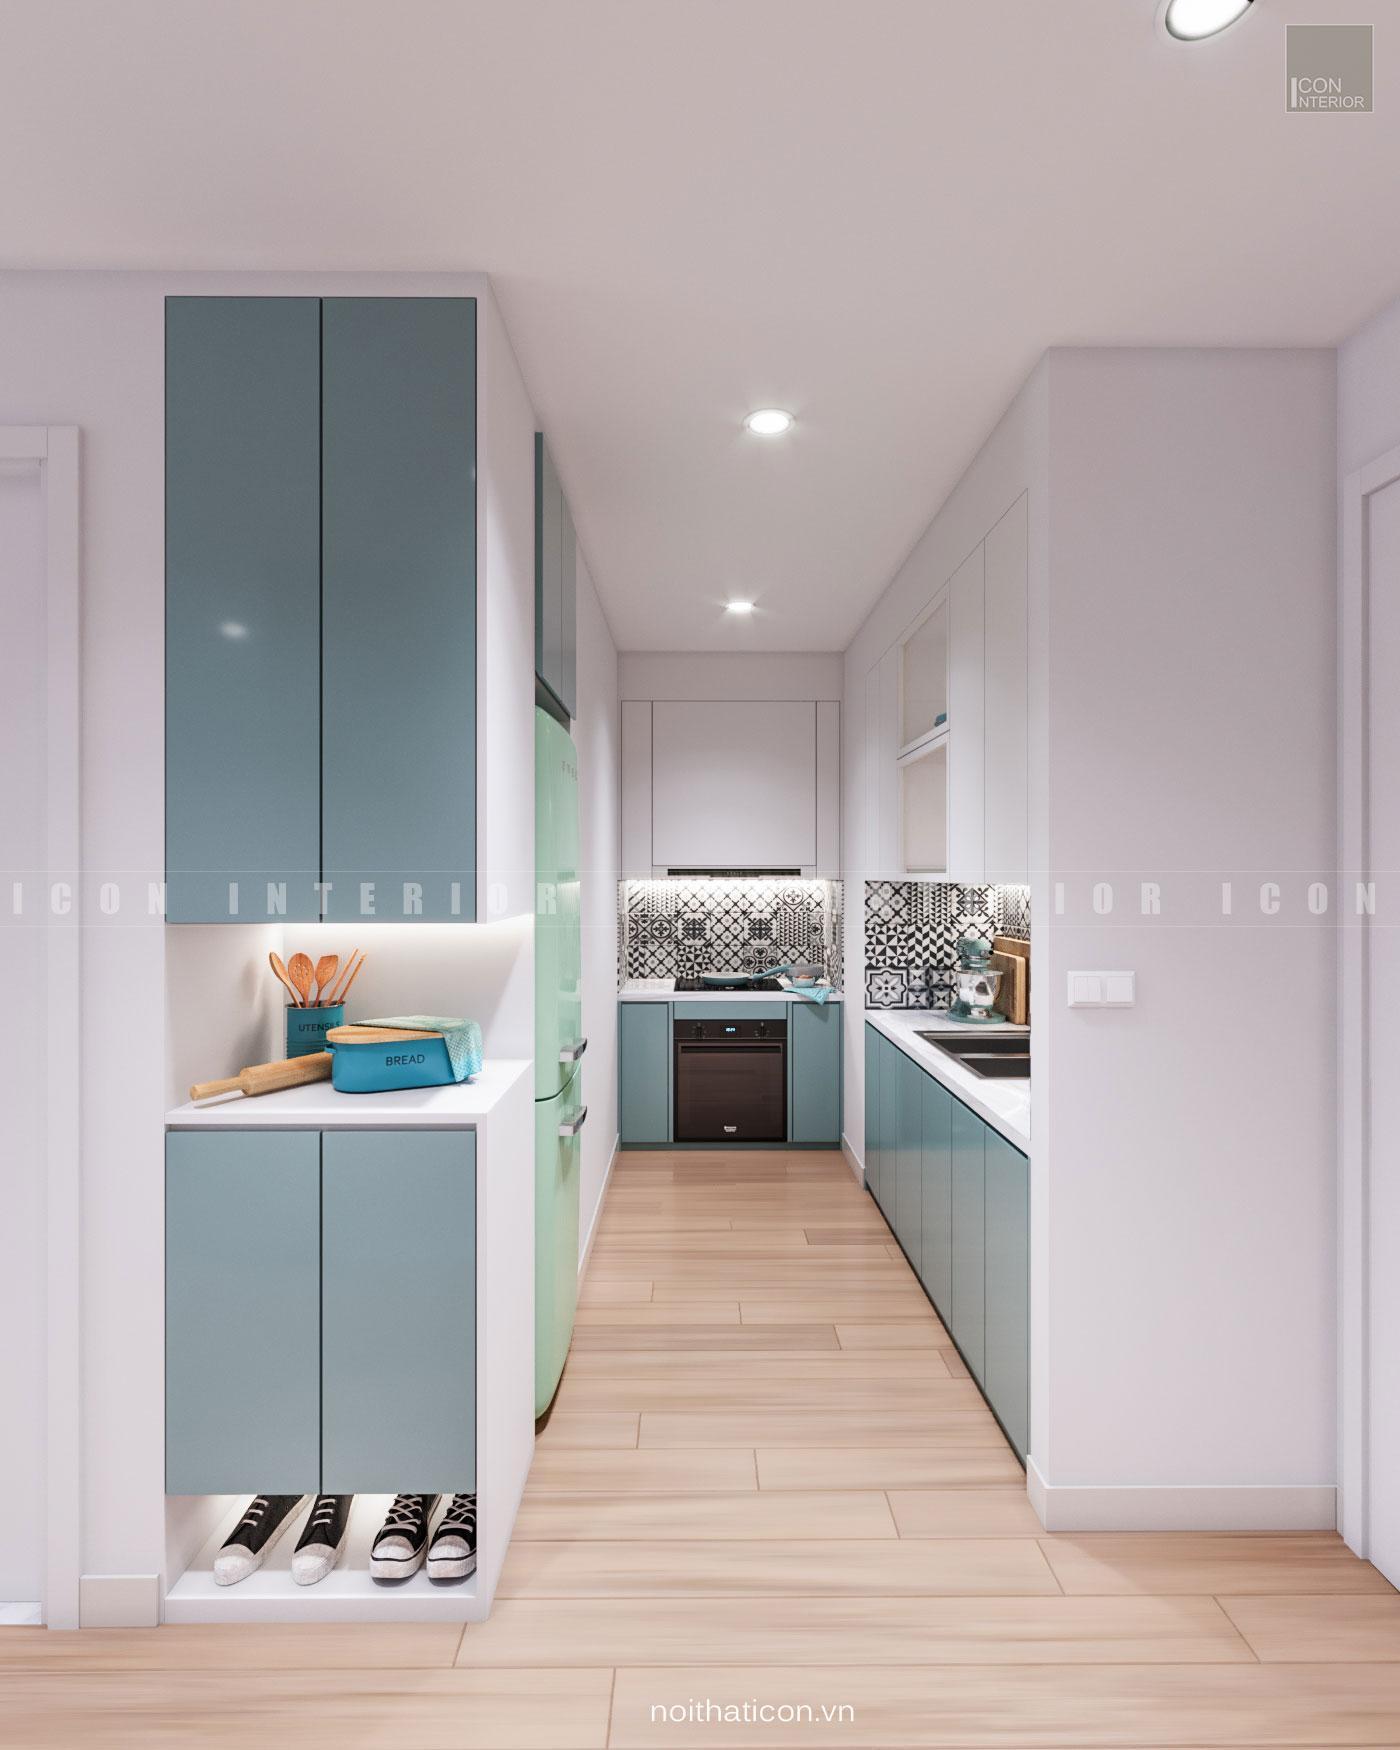 Phòng bếp tươi tắn gọn gàng theo phong cách Scandinavian